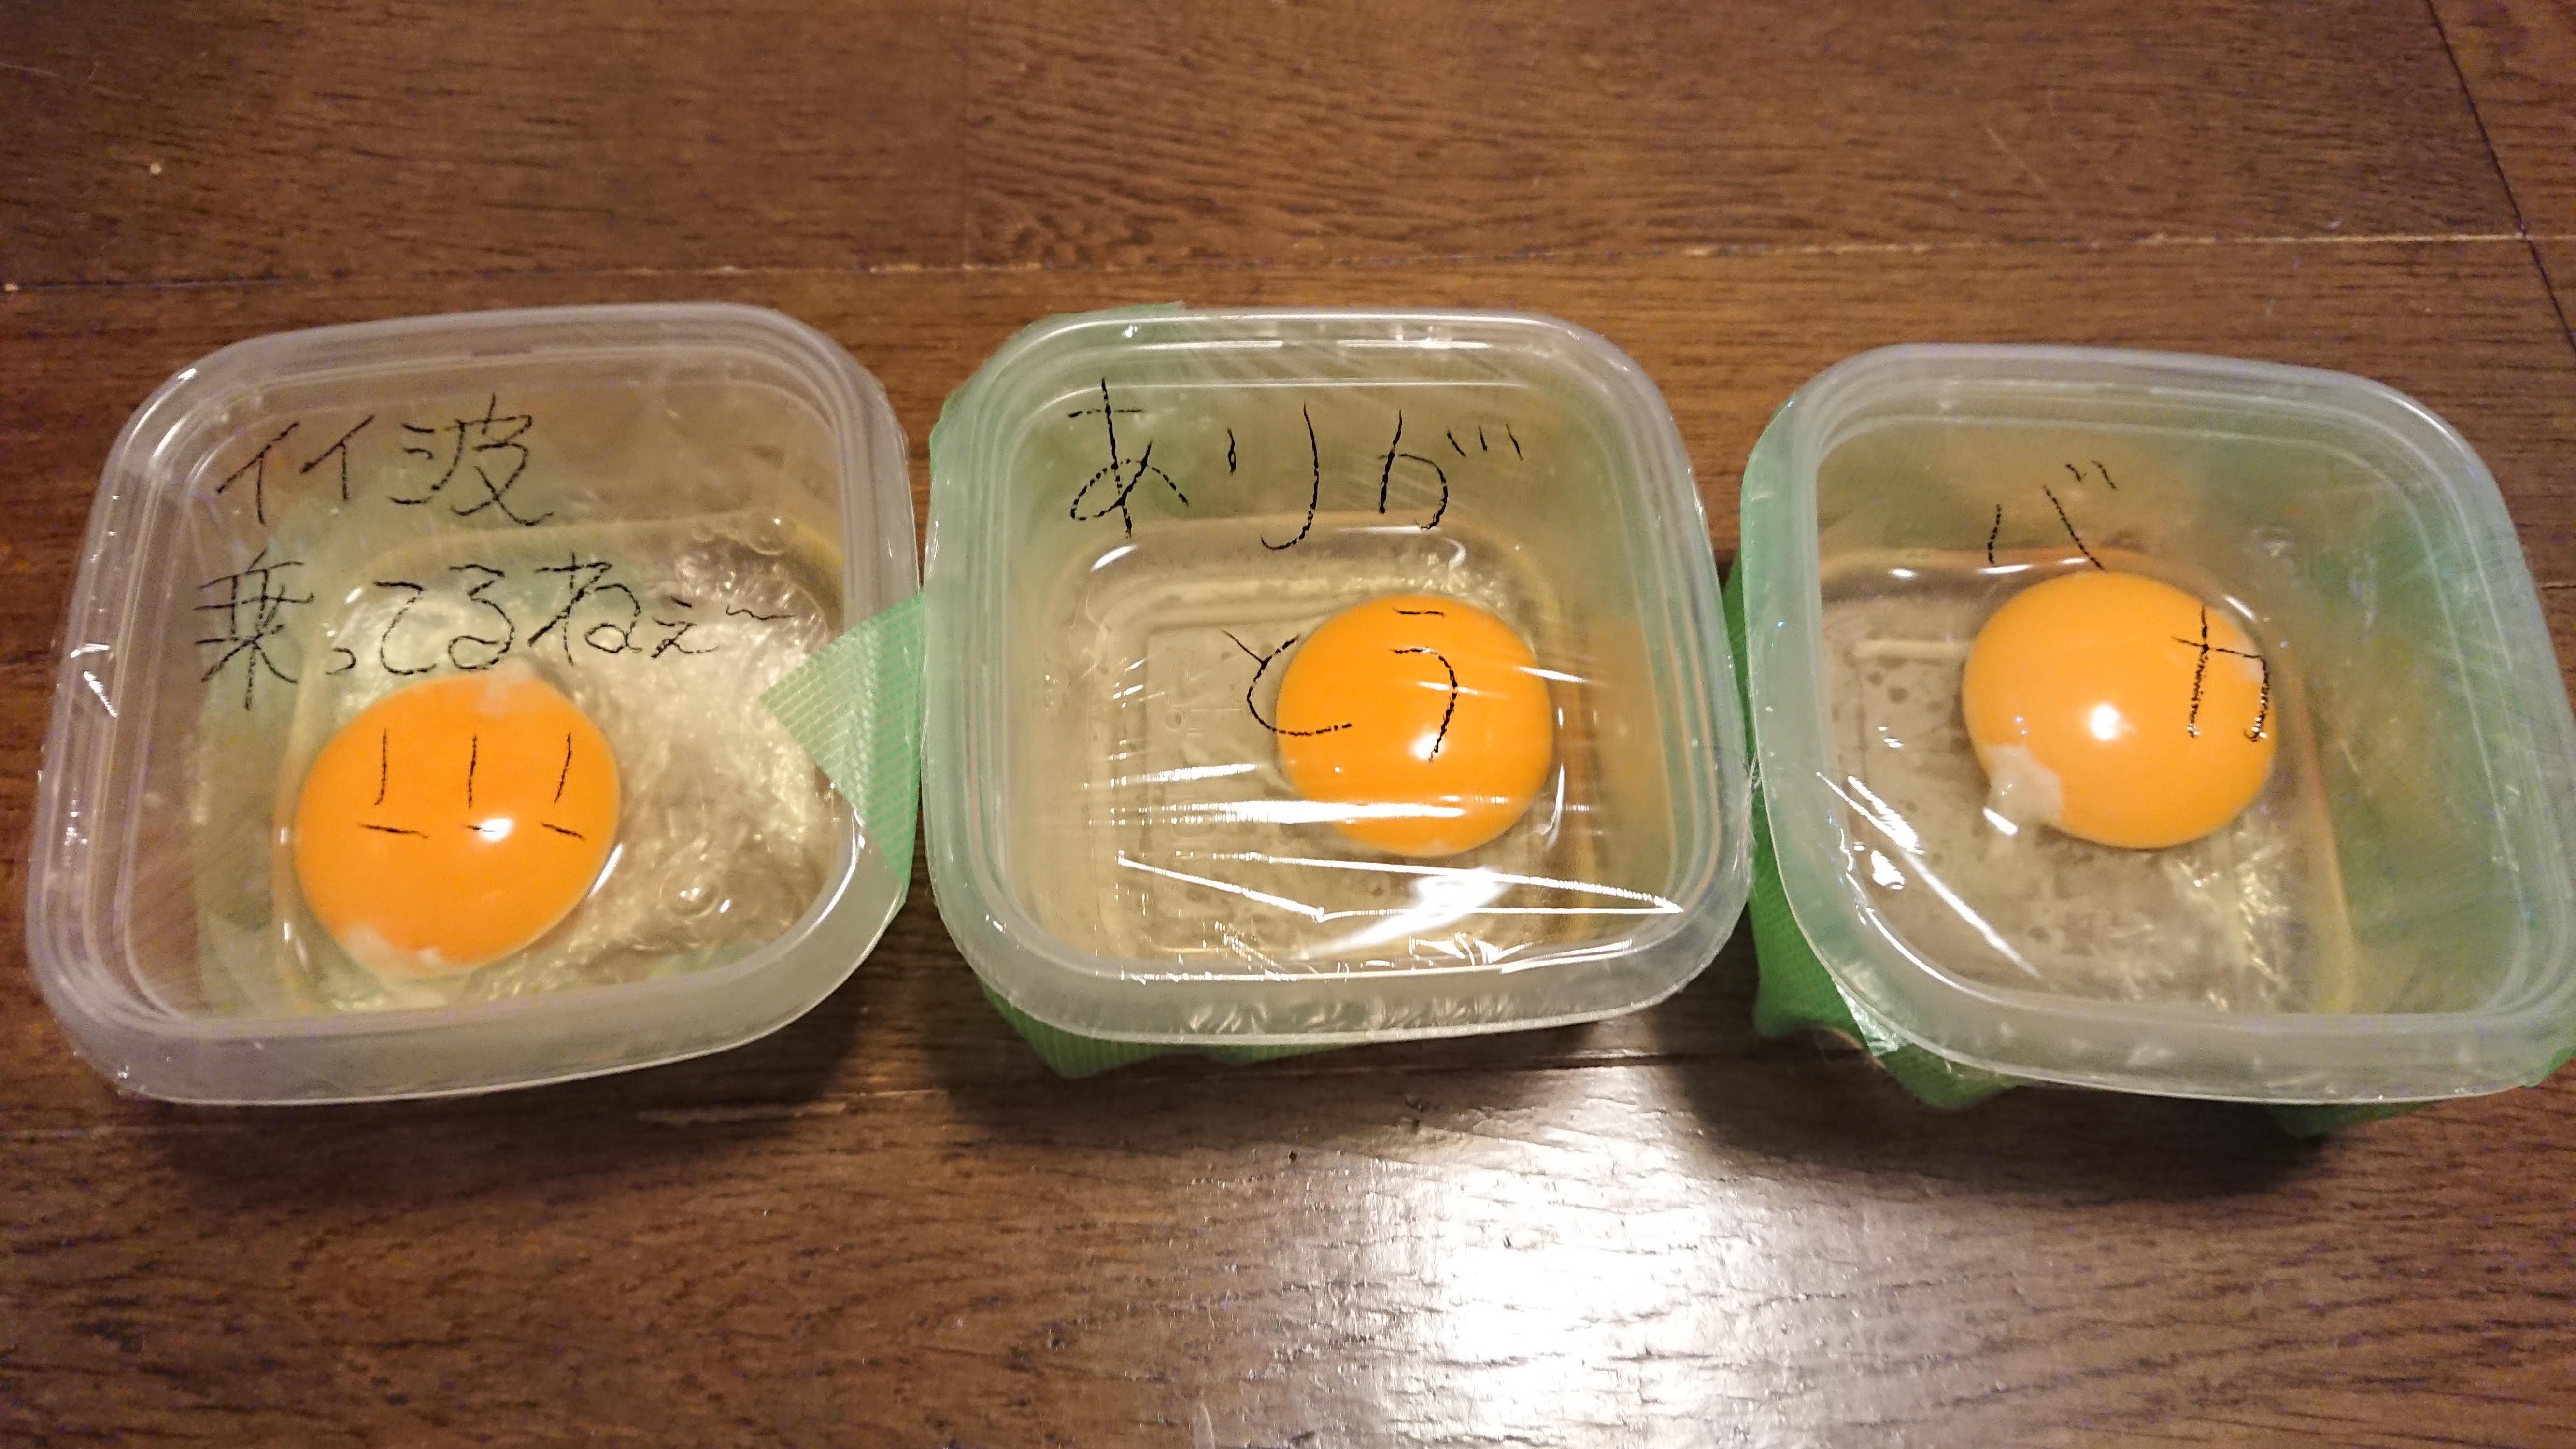 卵に「ありがとう」と言い続けると、言わない卵と違いは出るのか?